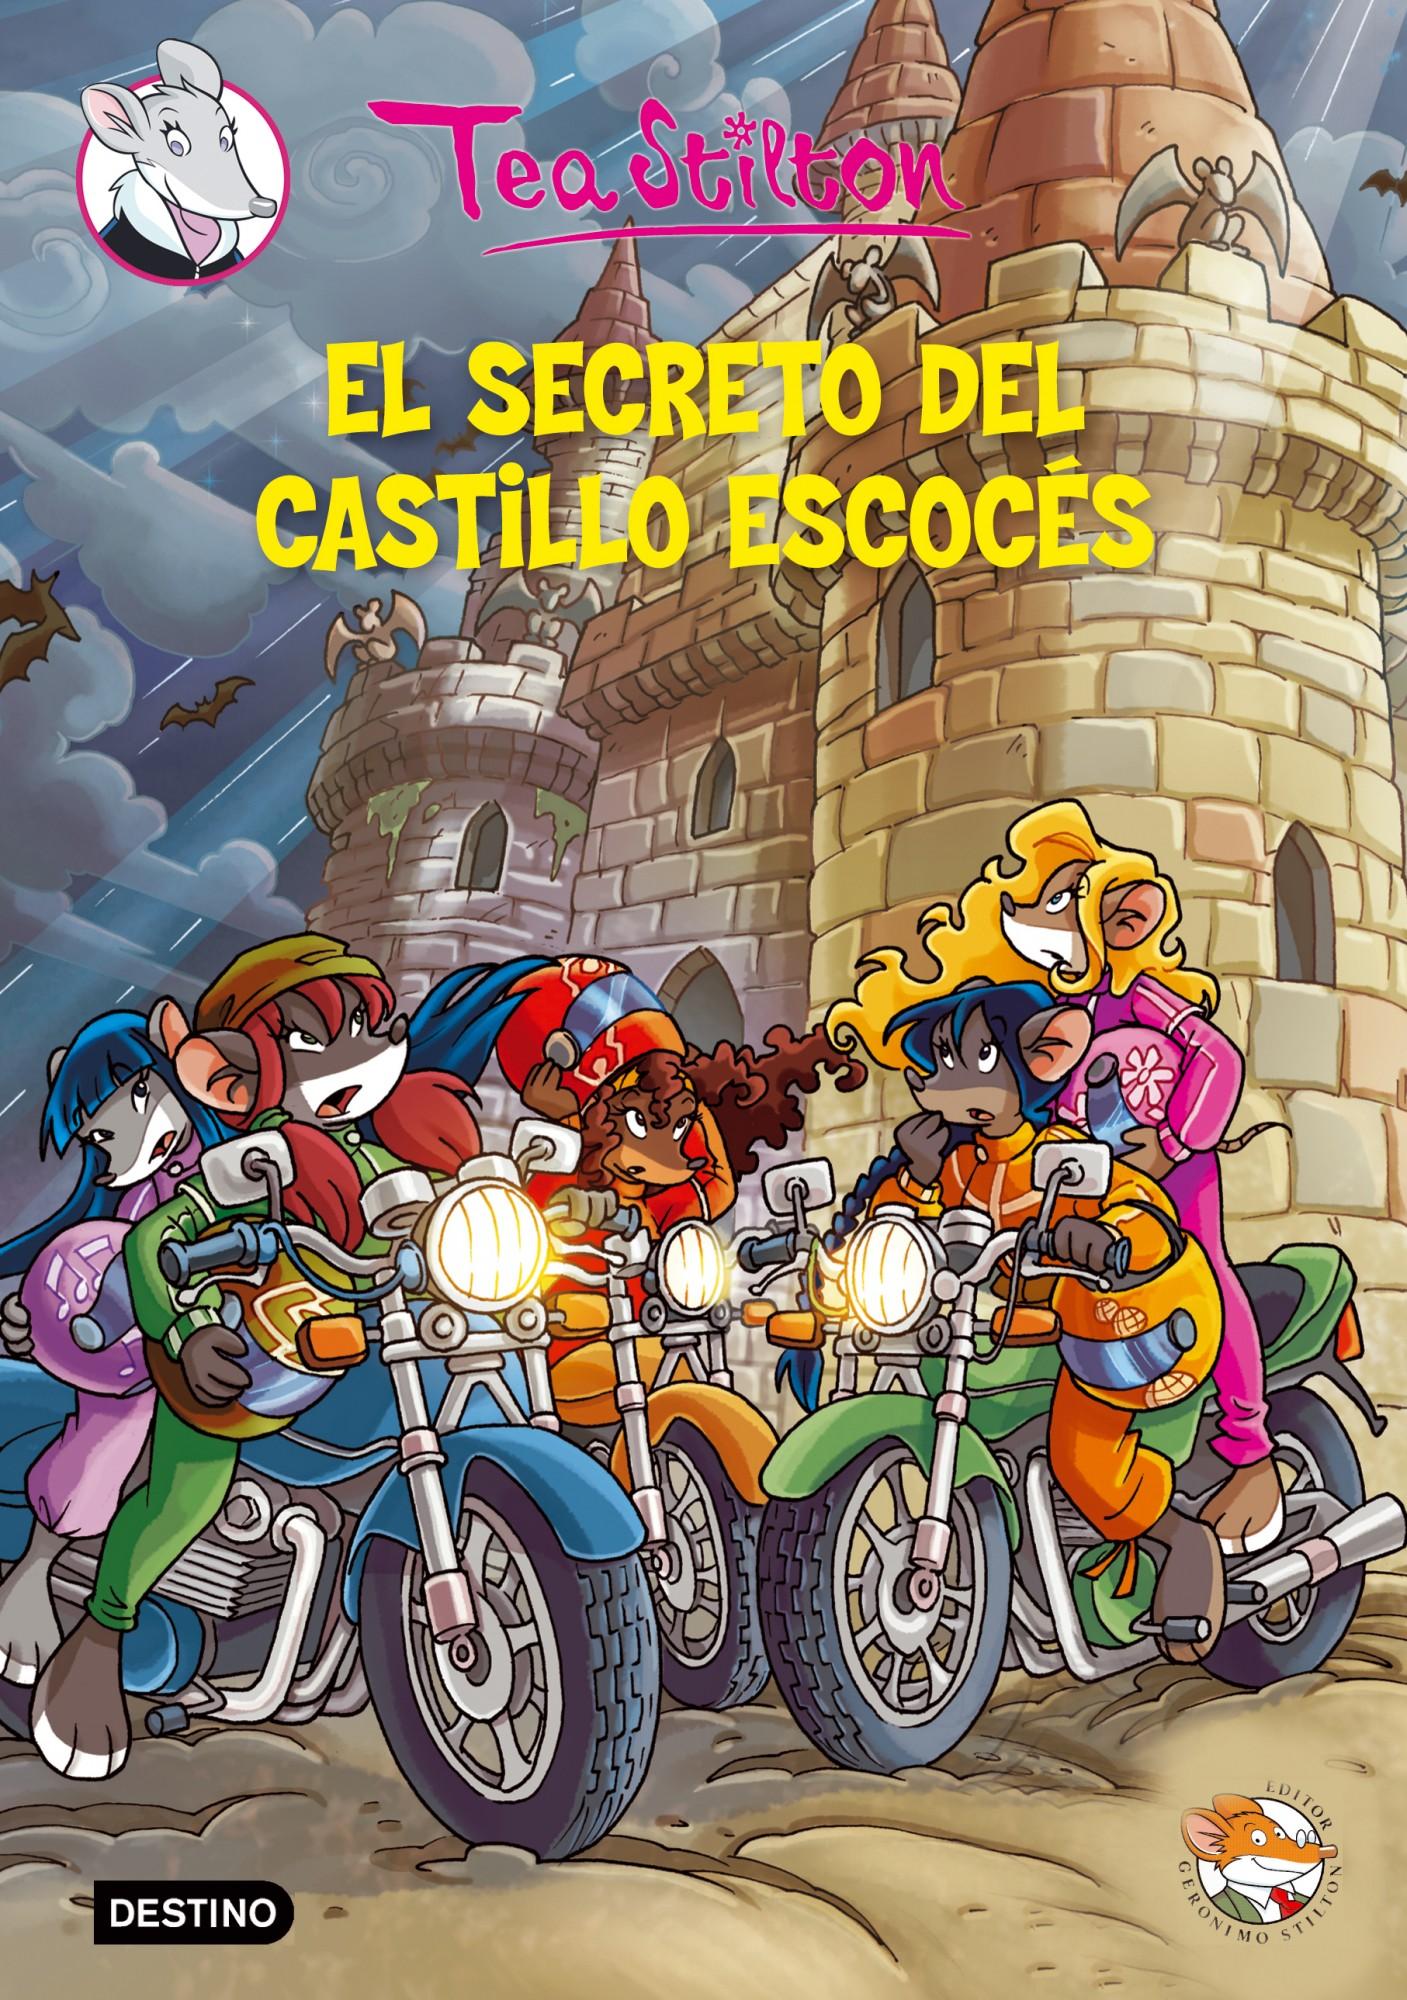 Resultado de imagen de EL SECRETO DEL CASTILLO ESCOCES